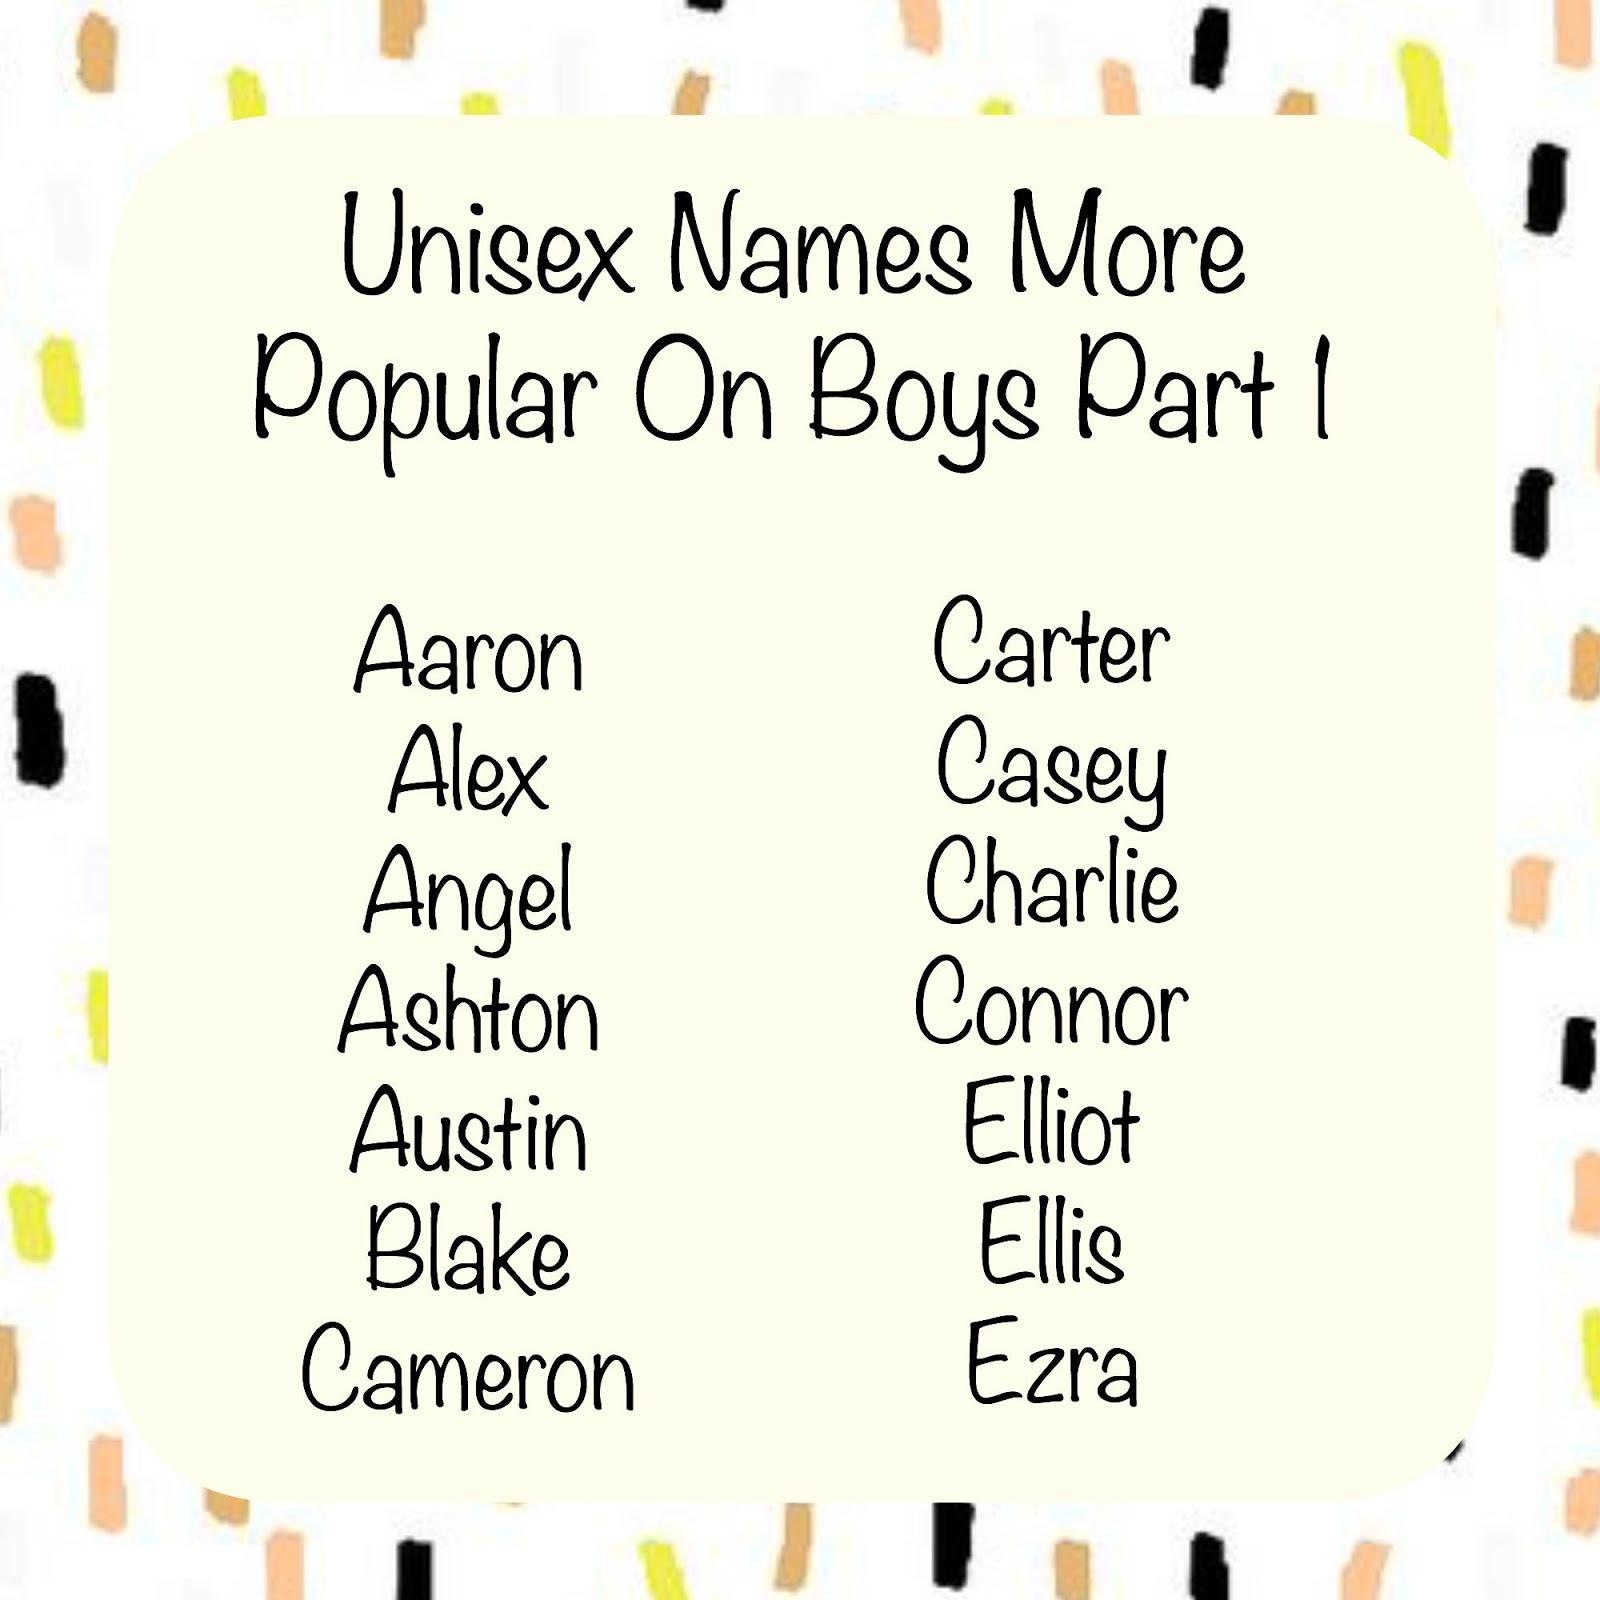 popular uni sex names in Memphis